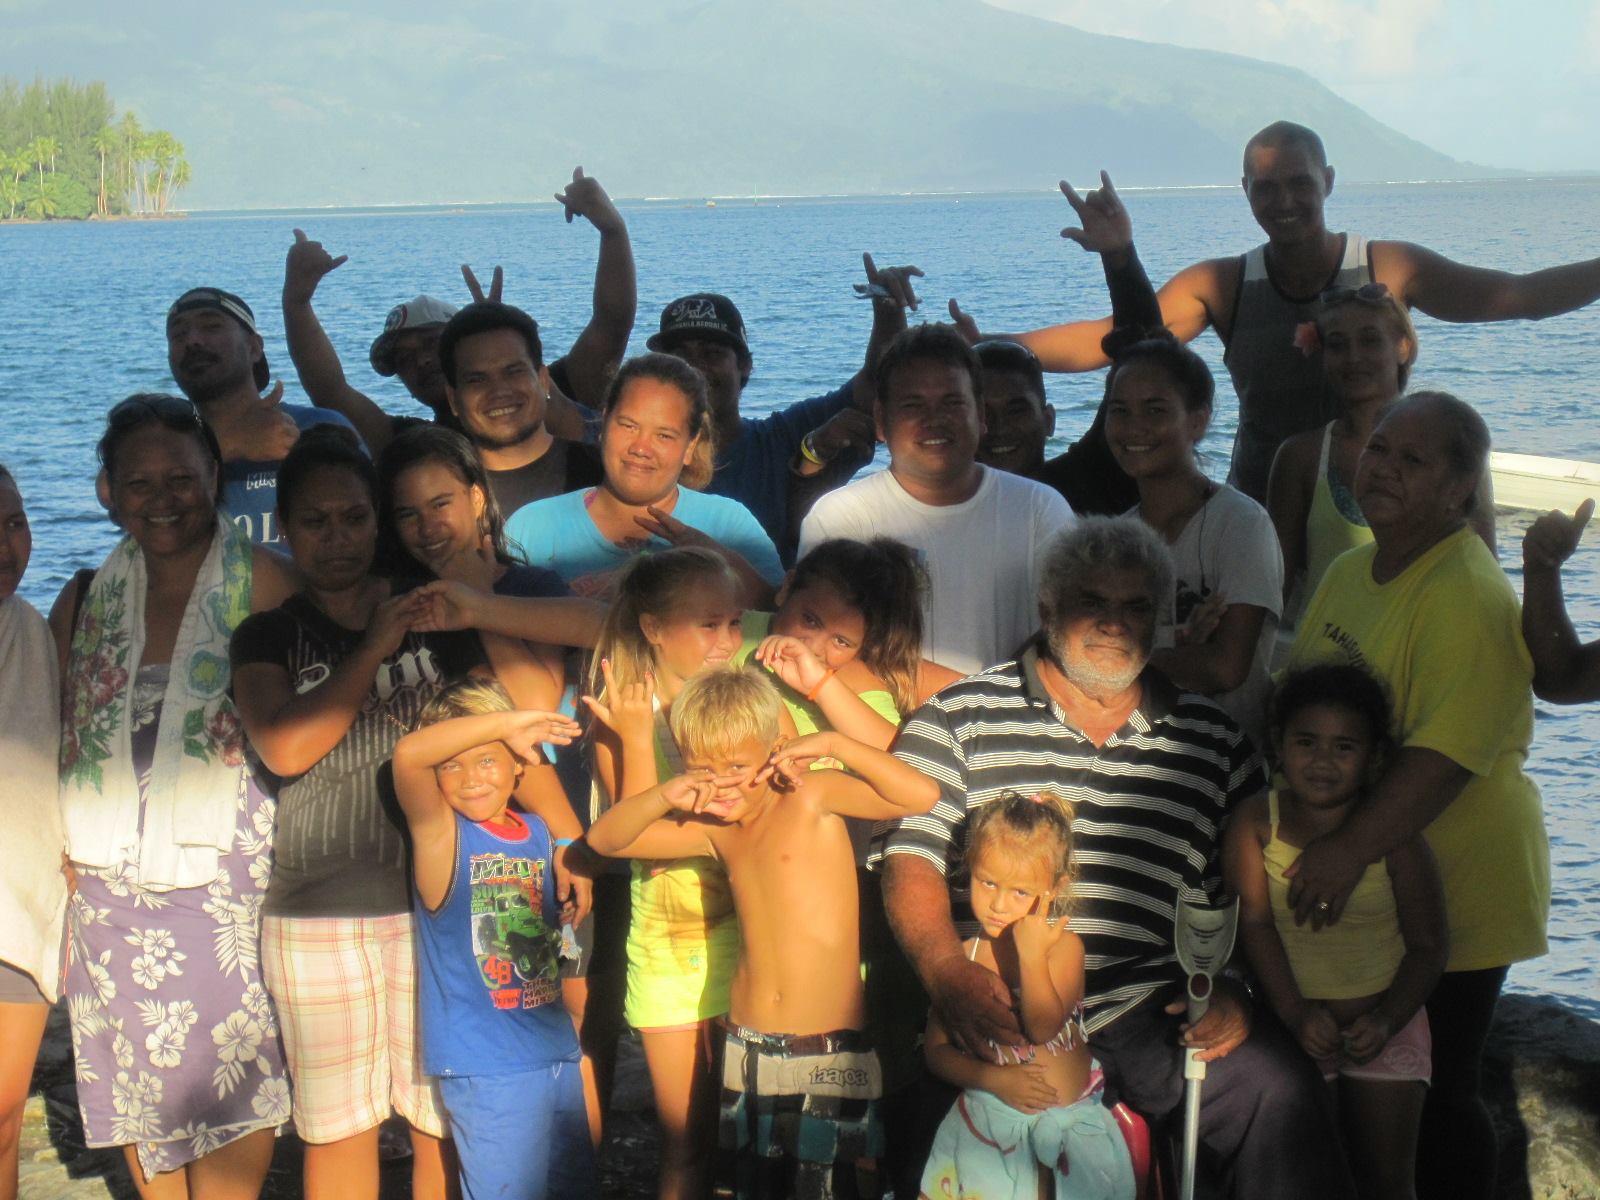 Le collectif des pêcheurs de Mataiea est à l'origine de cette marche pacifique qui se fera à partir du site de Tehoro jusqu'à la plage d'Atimaono.